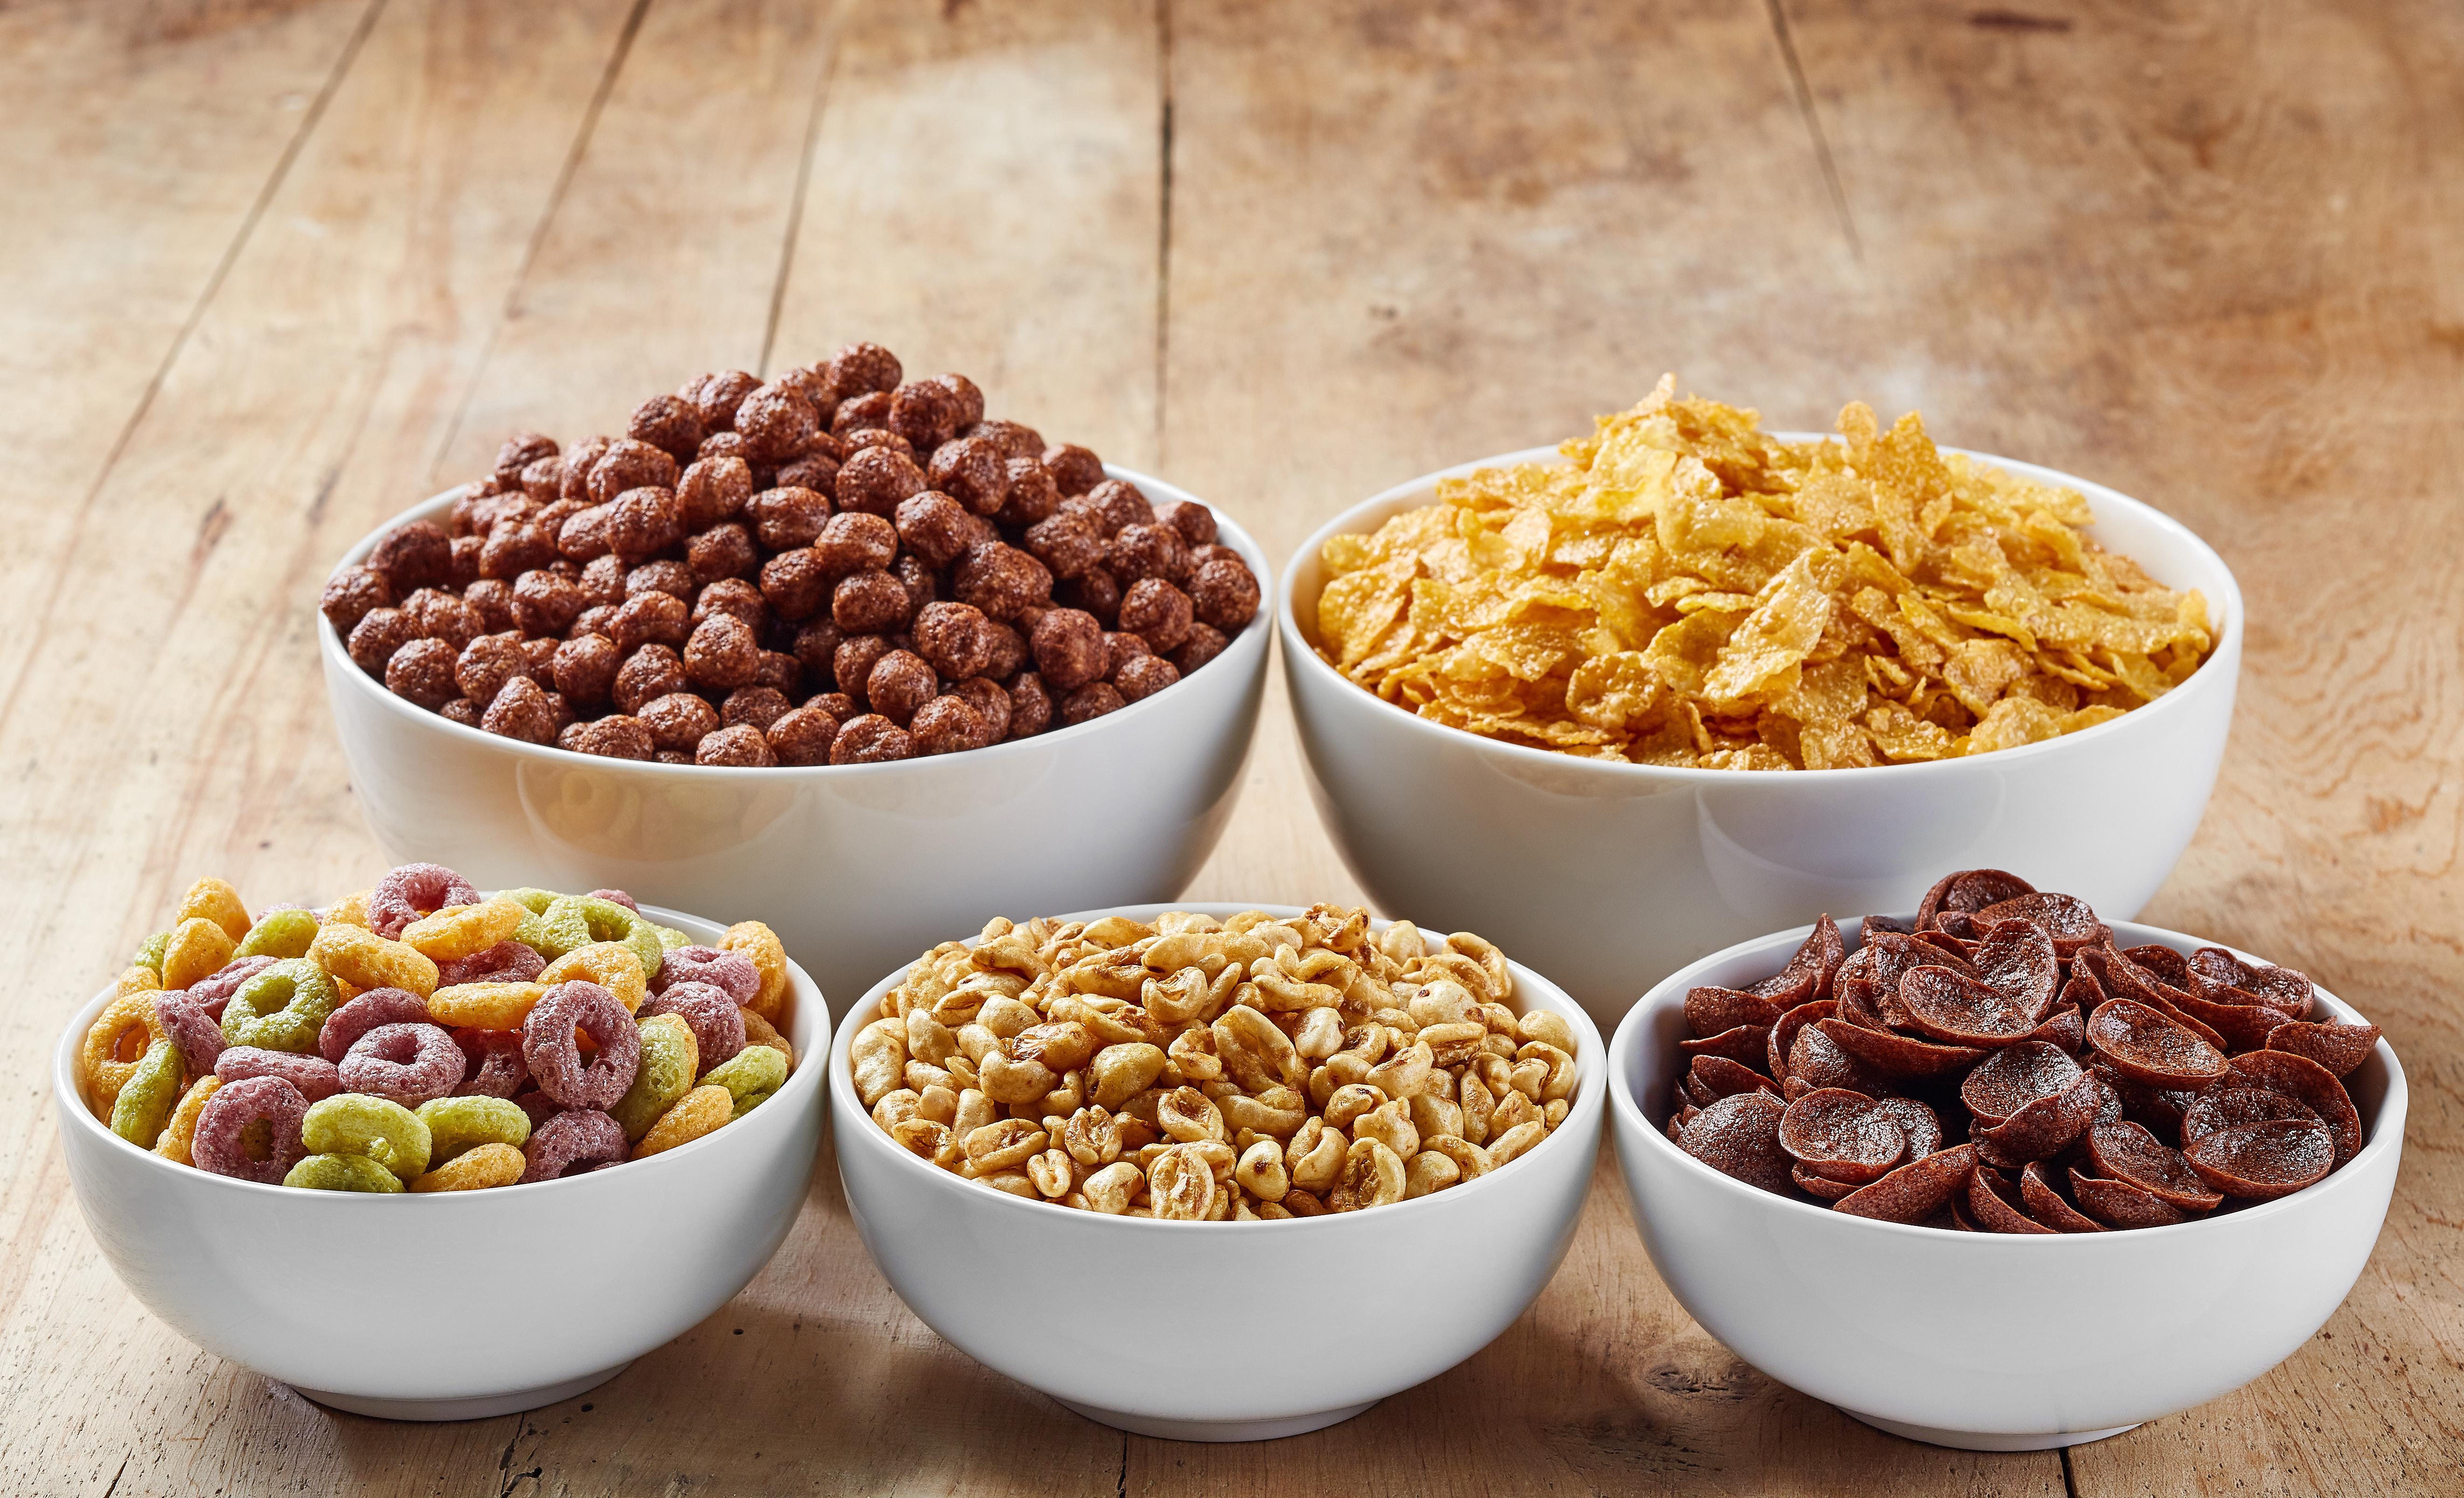 Food High In Natural Sugar